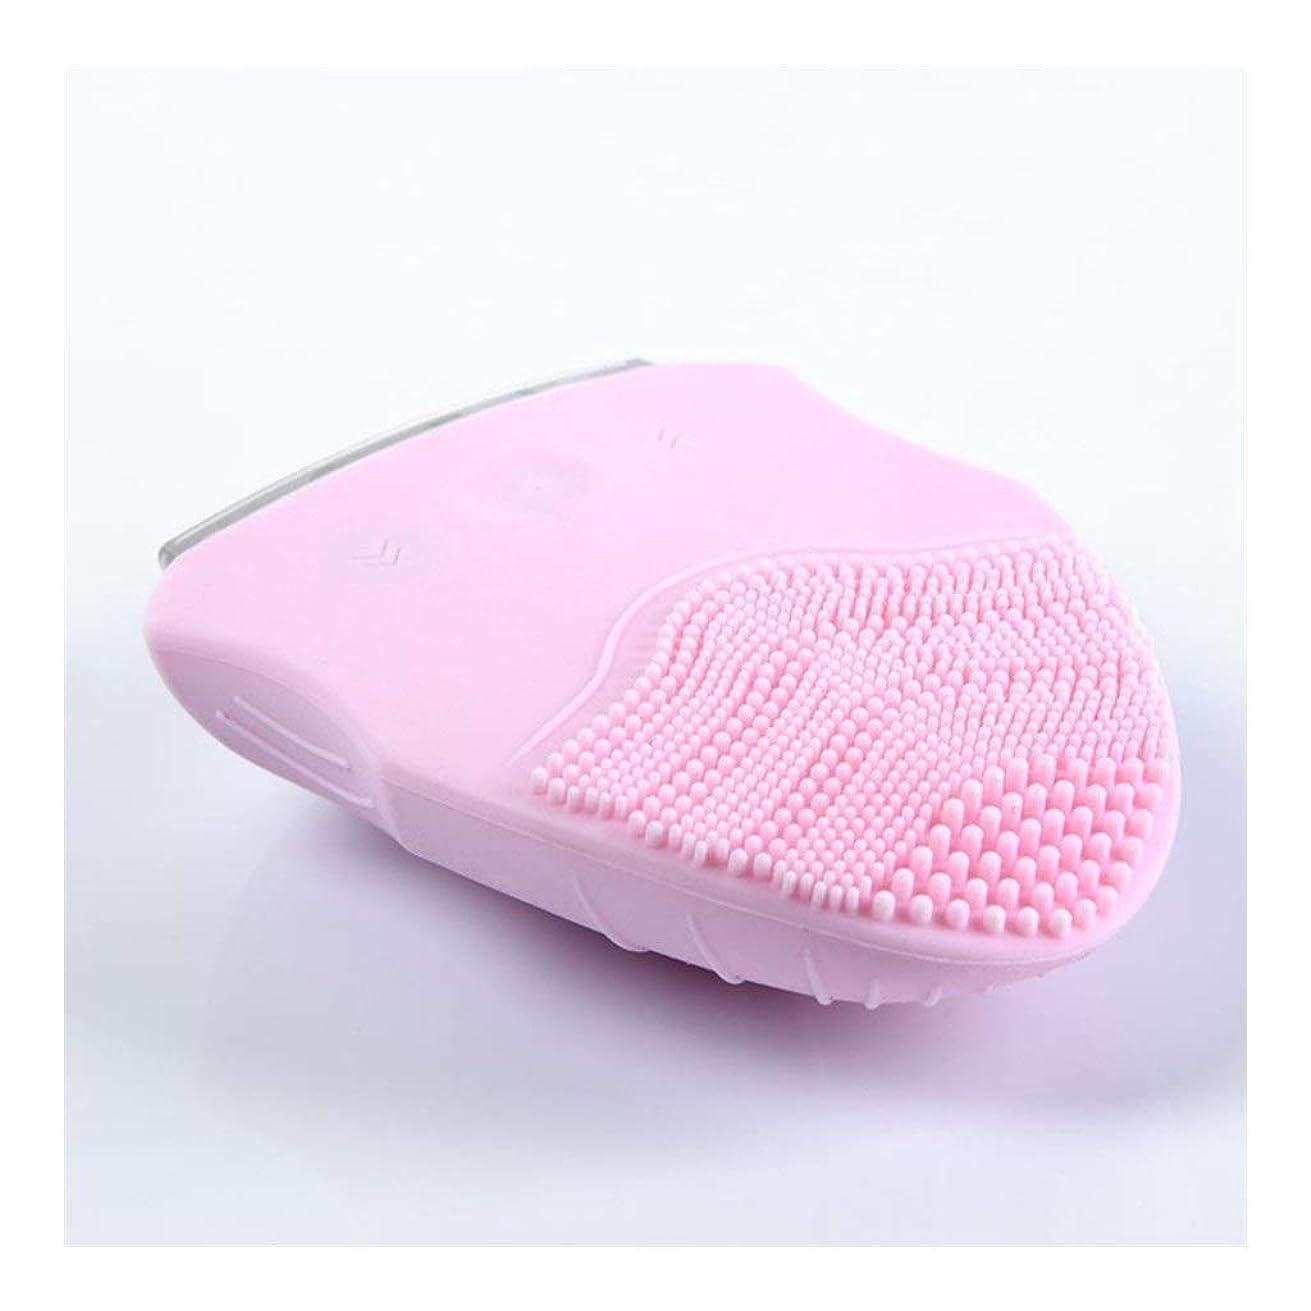 返済許可裕福なソニックバイブレーションフェイシャルクレンジングブラシ、電動ポータブル美容器具ディープクレンジングブラシは、すべての肌タイプのしわ美容ツールを減らします (Color : Pink)